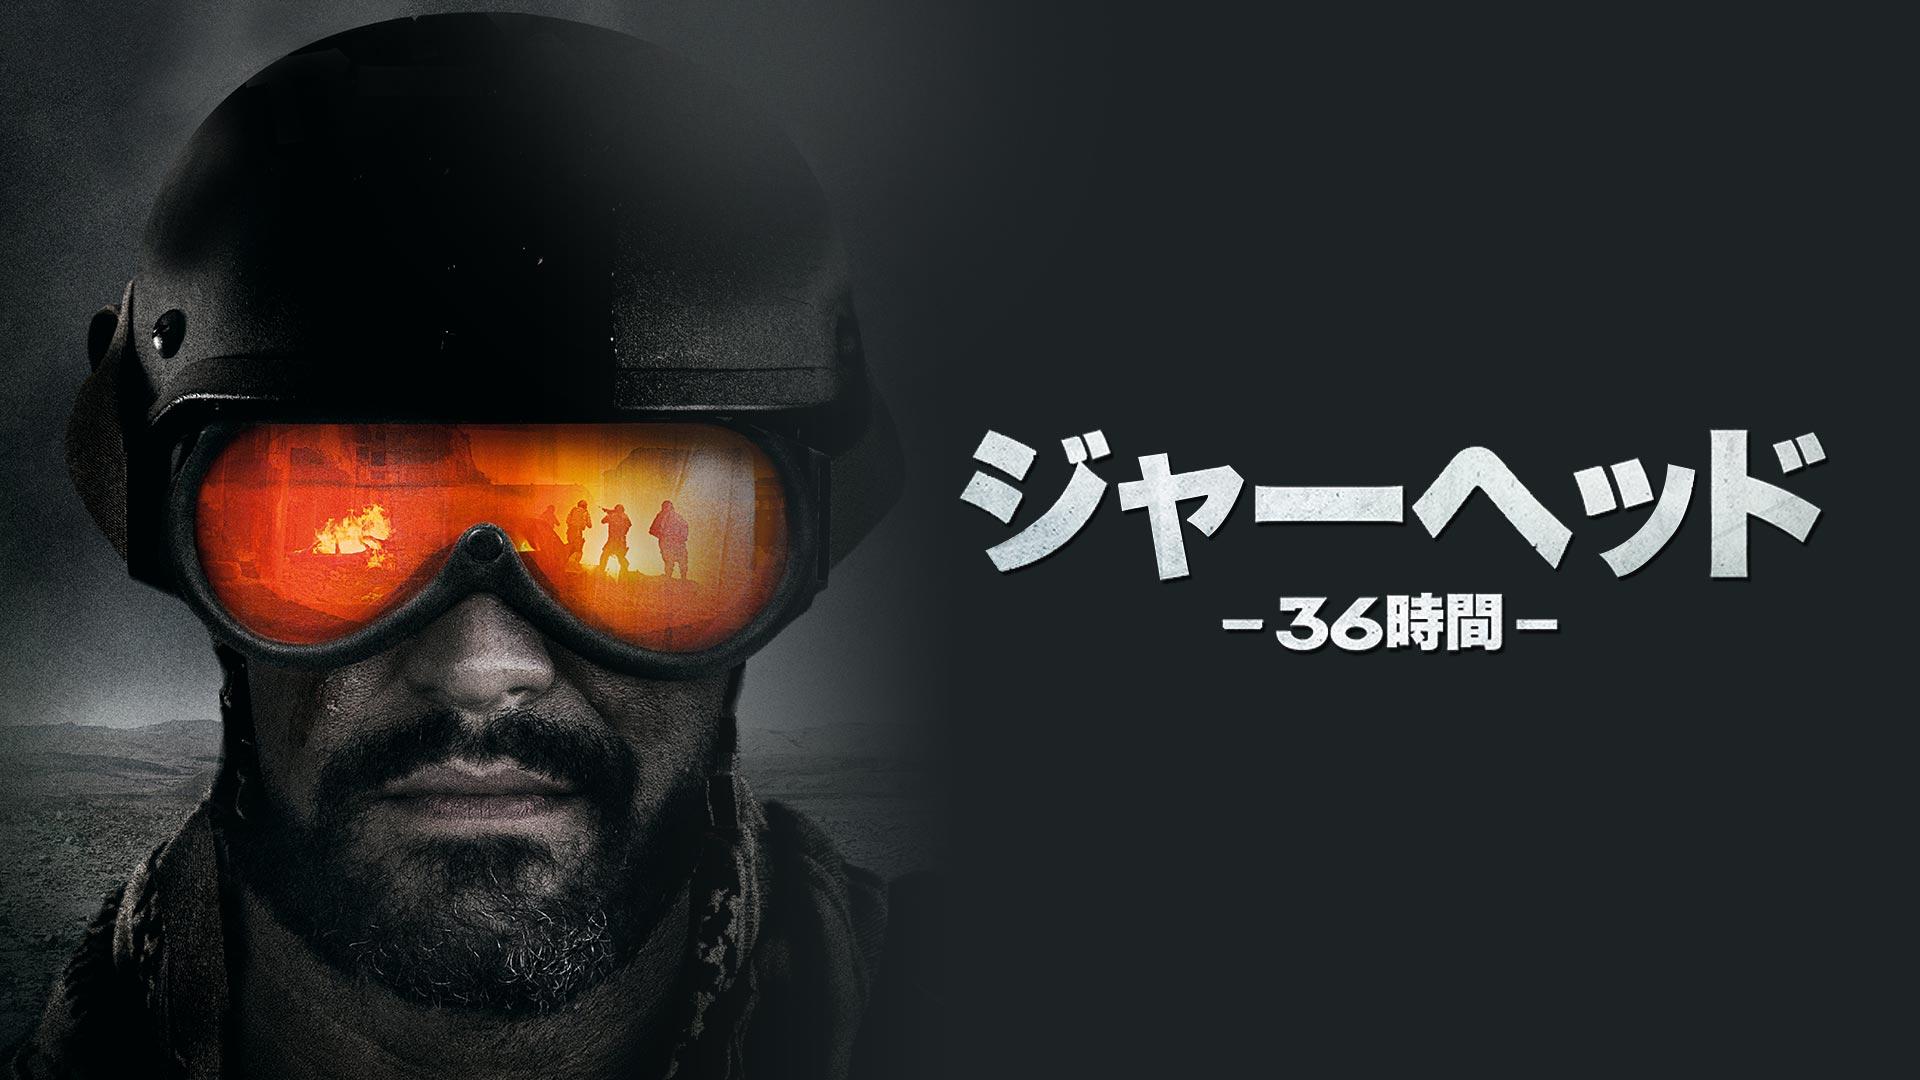 ジャーヘッド ─36時間─ (字幕版)